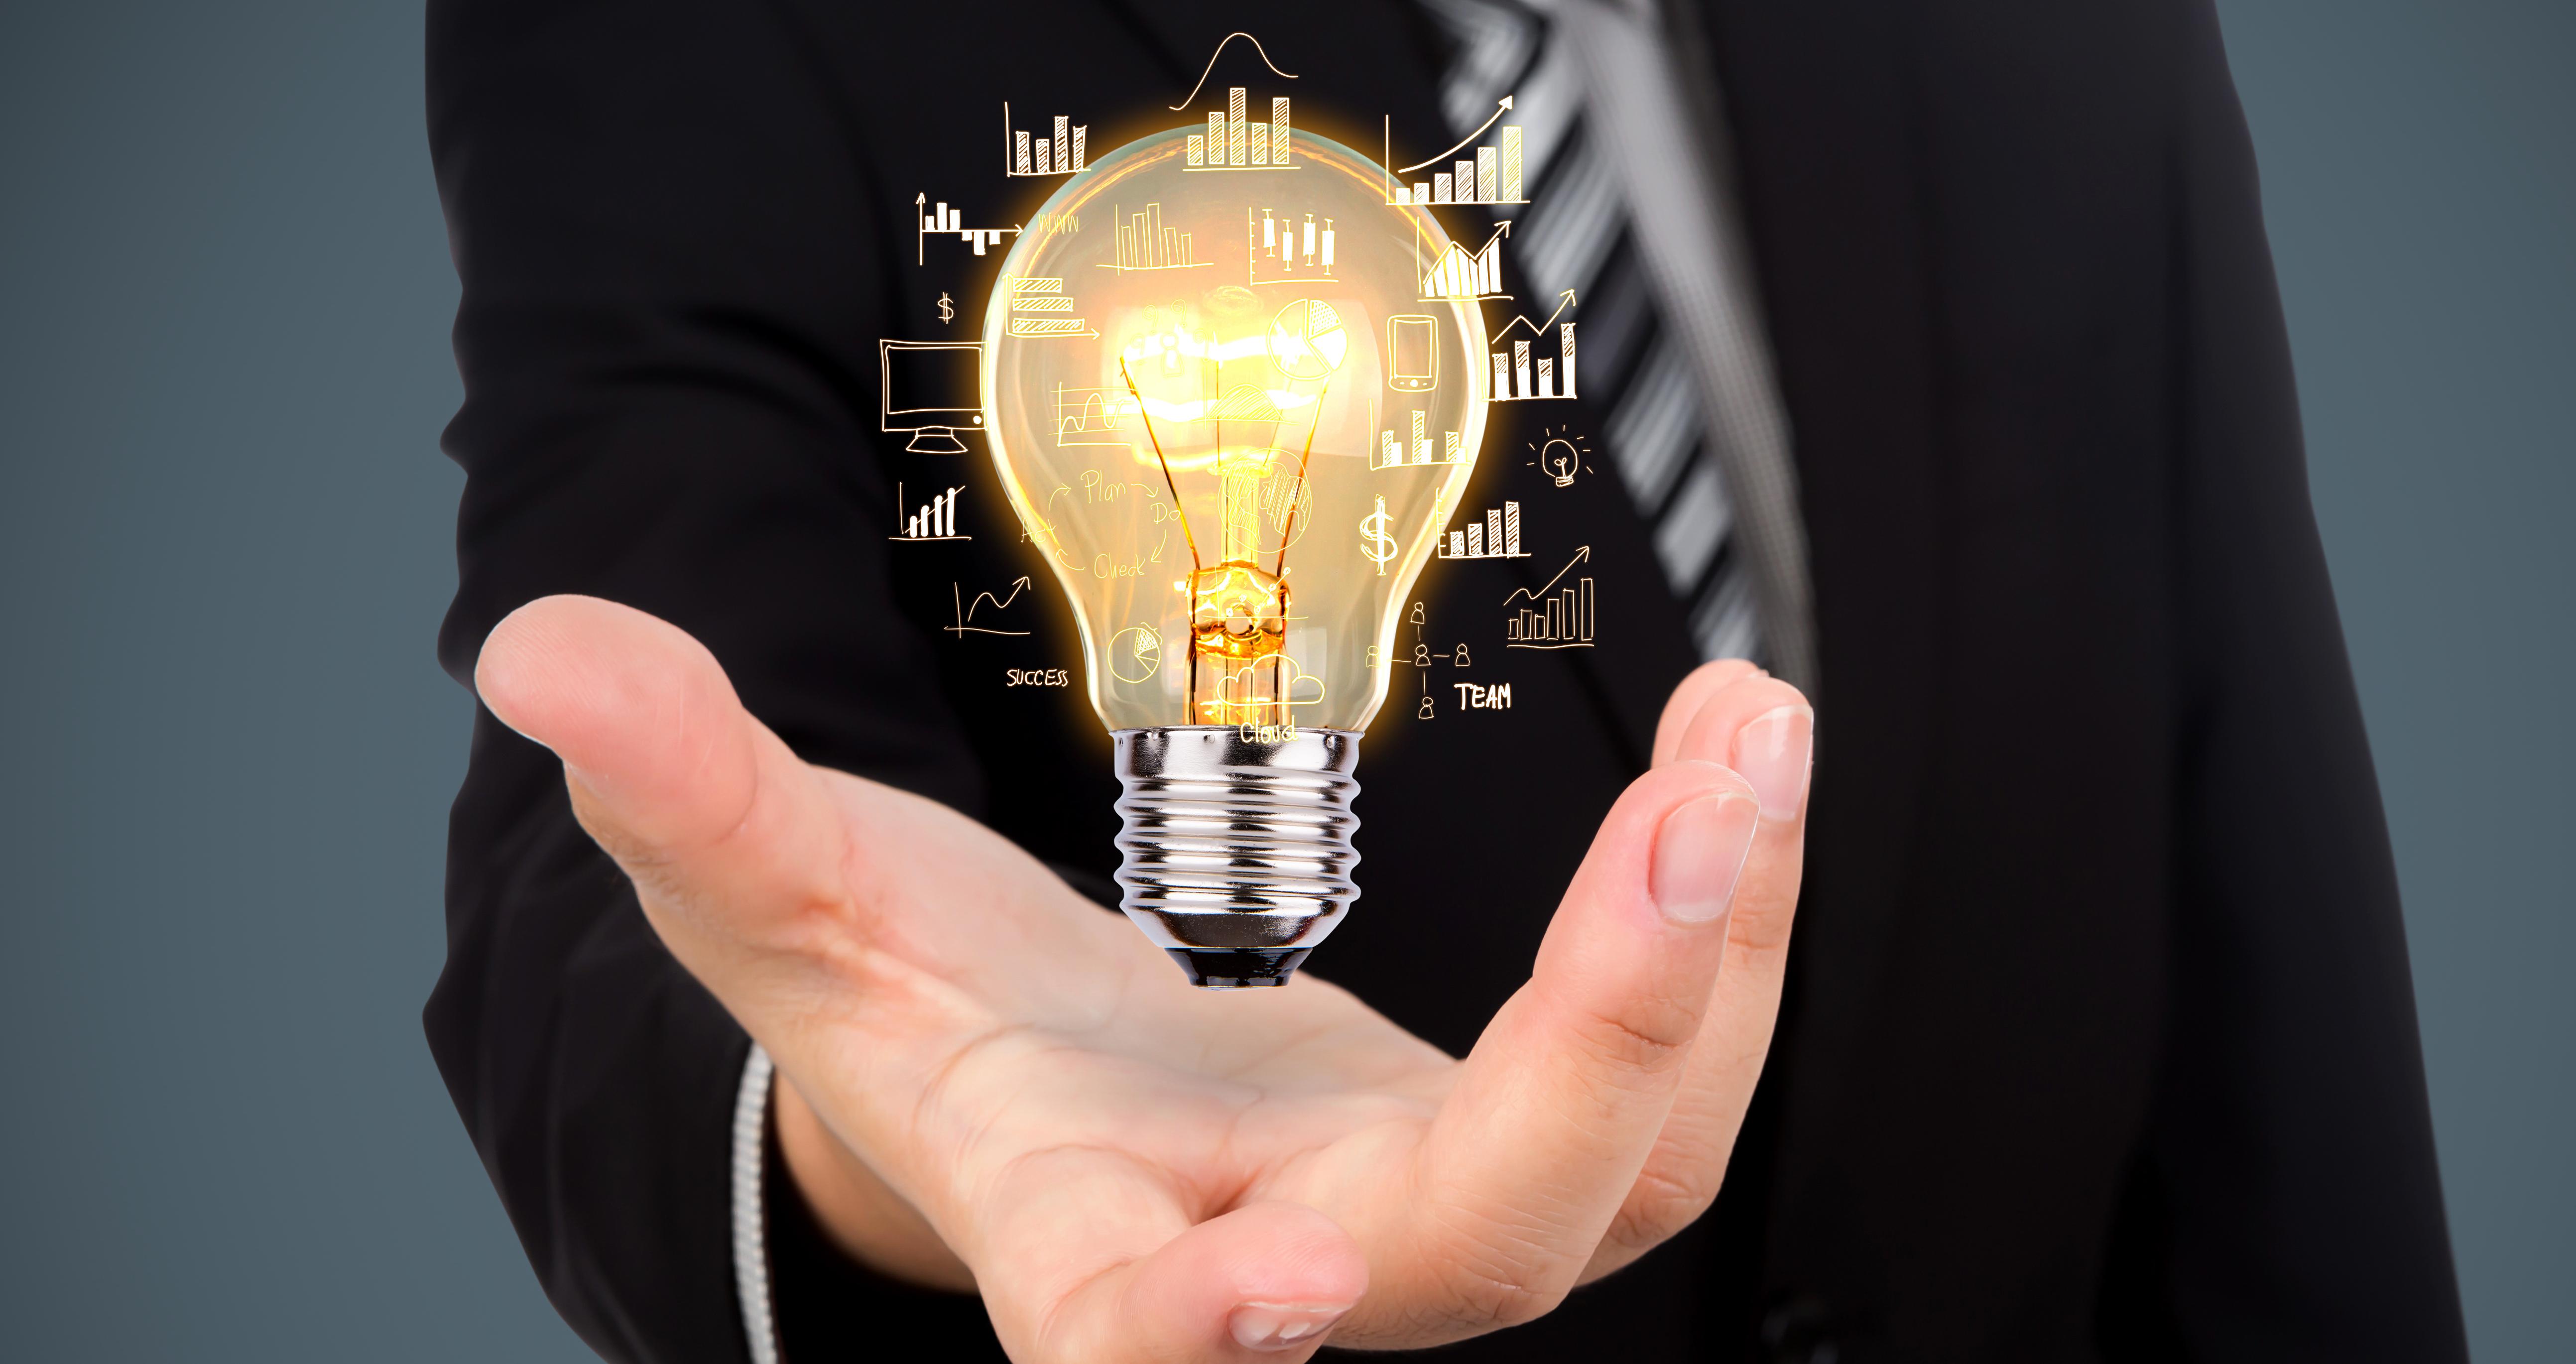 Banco Central regulamenta tecnologia que testa inovações no setor financeiro